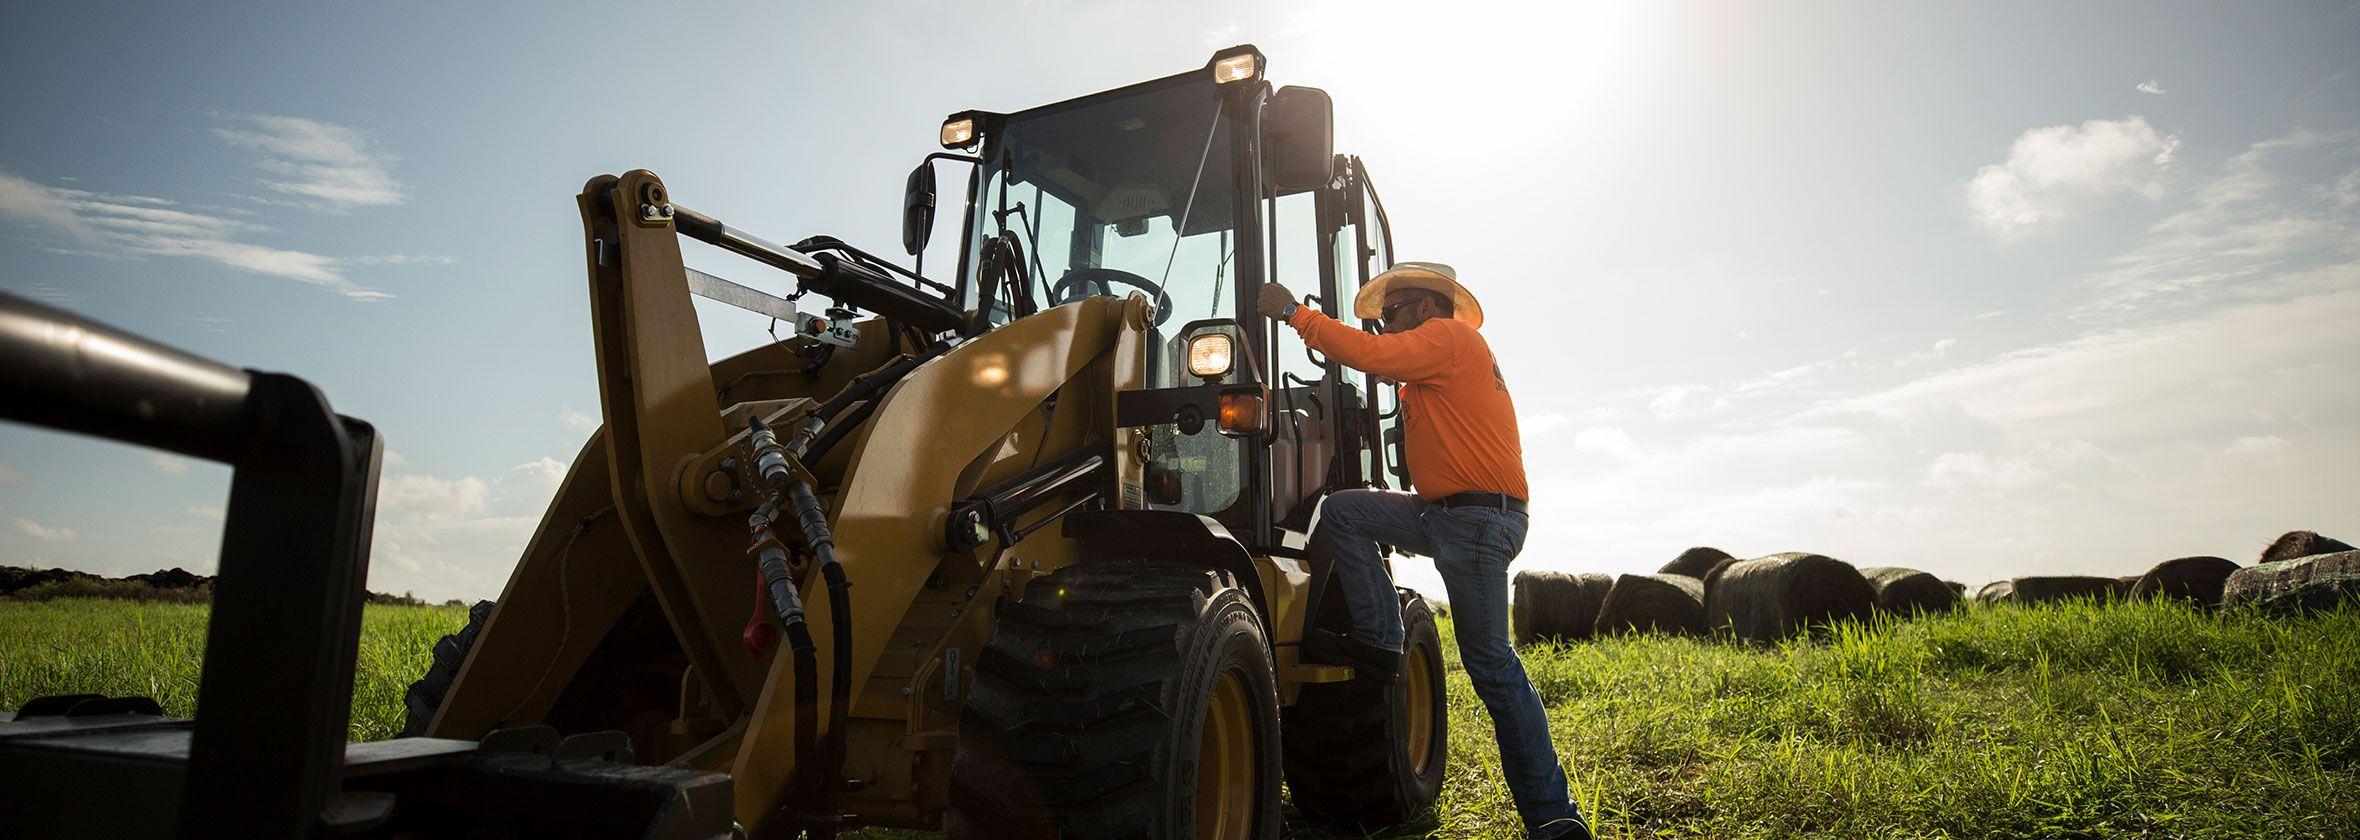 Cat Agriculture Equipment Solutions Caterpillar